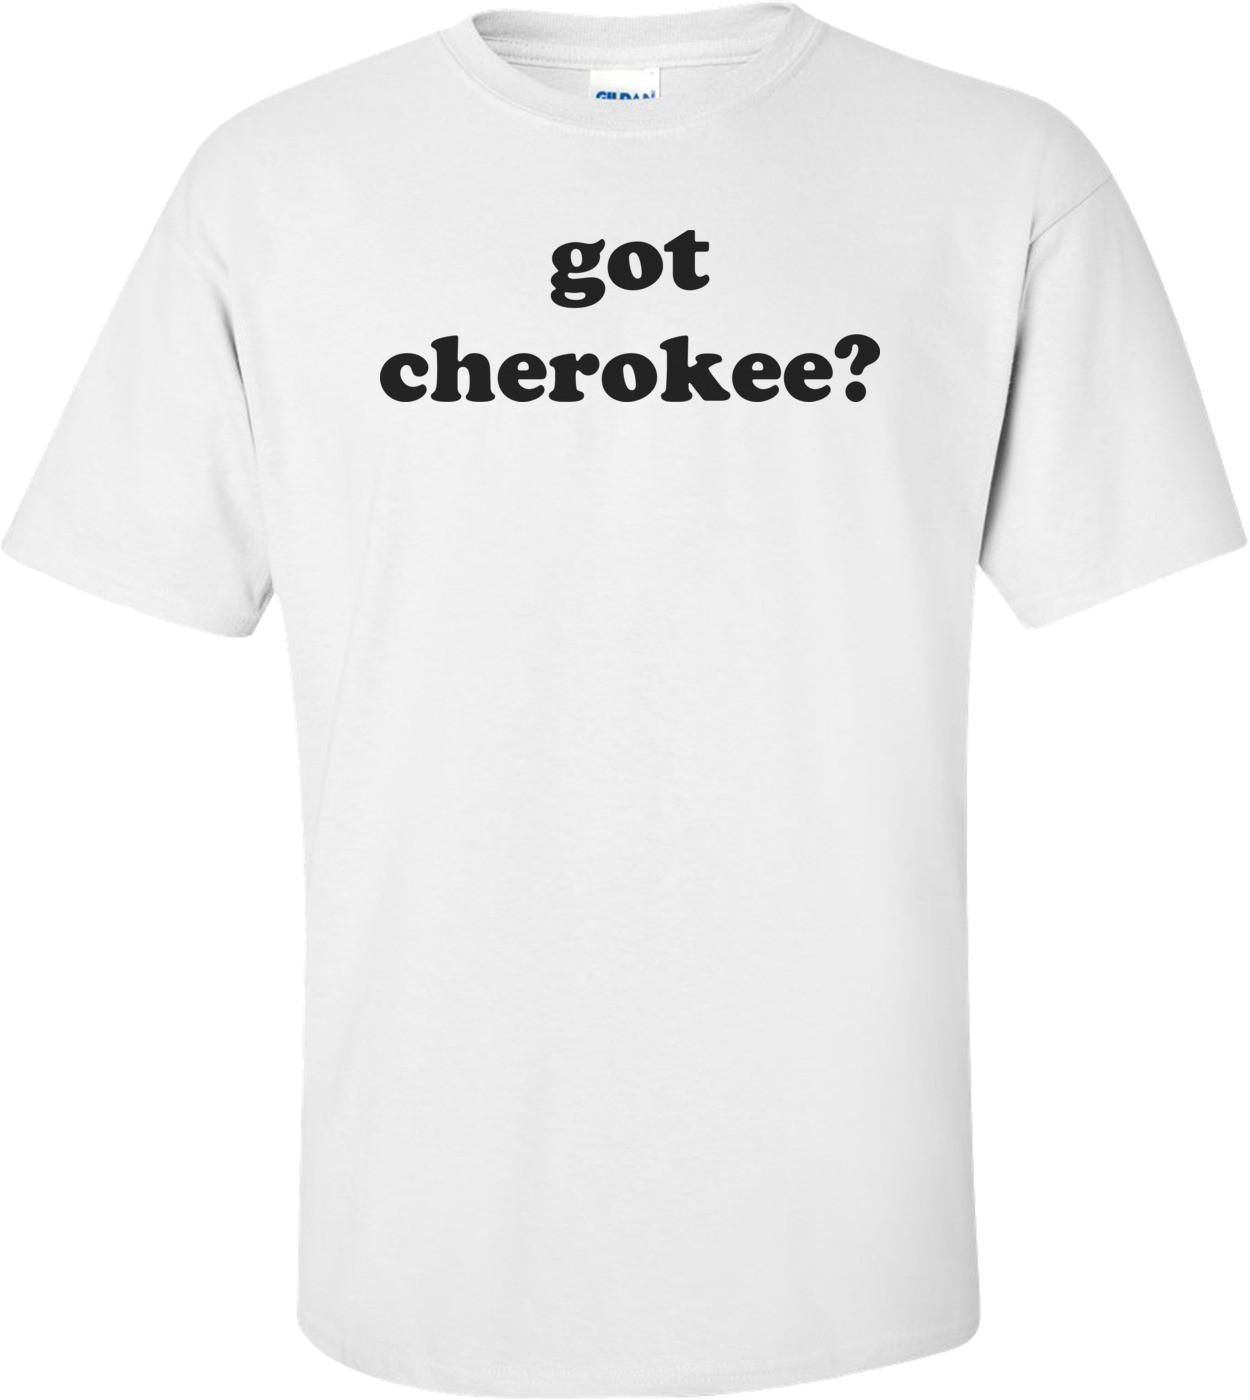 Got Cherokee? Shirt